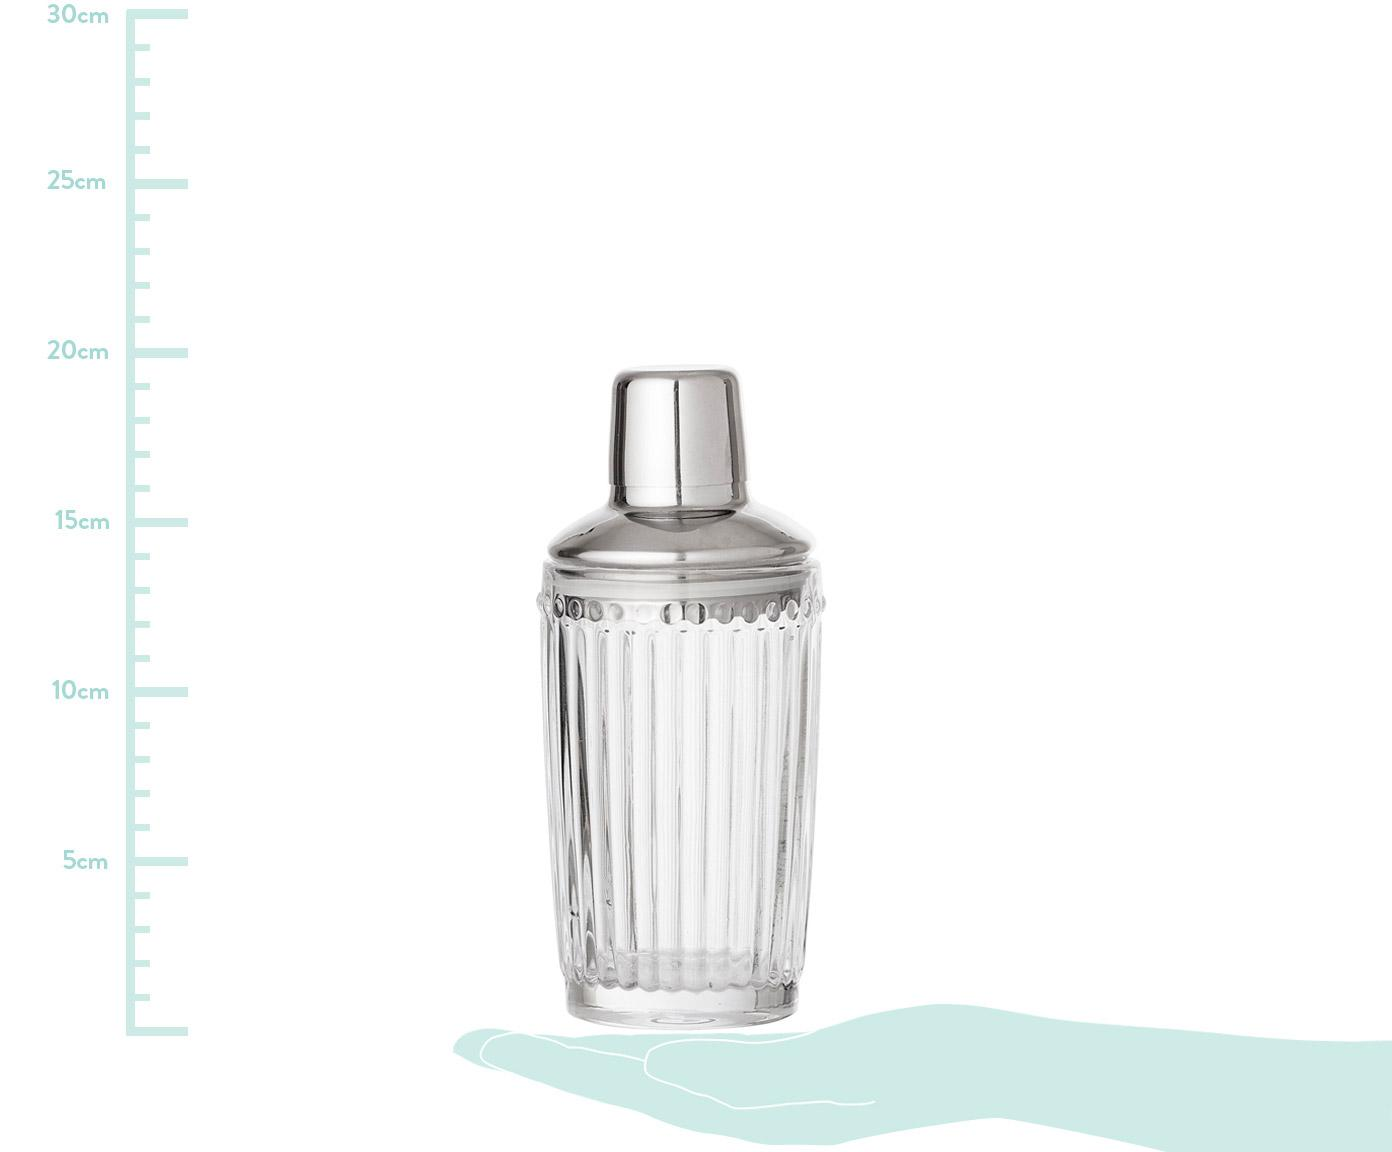 Shaker do koktajli Janni, Szkło, stal szlachetna, Transparentny, stal szlachetna, Ø 9 x 19 cm